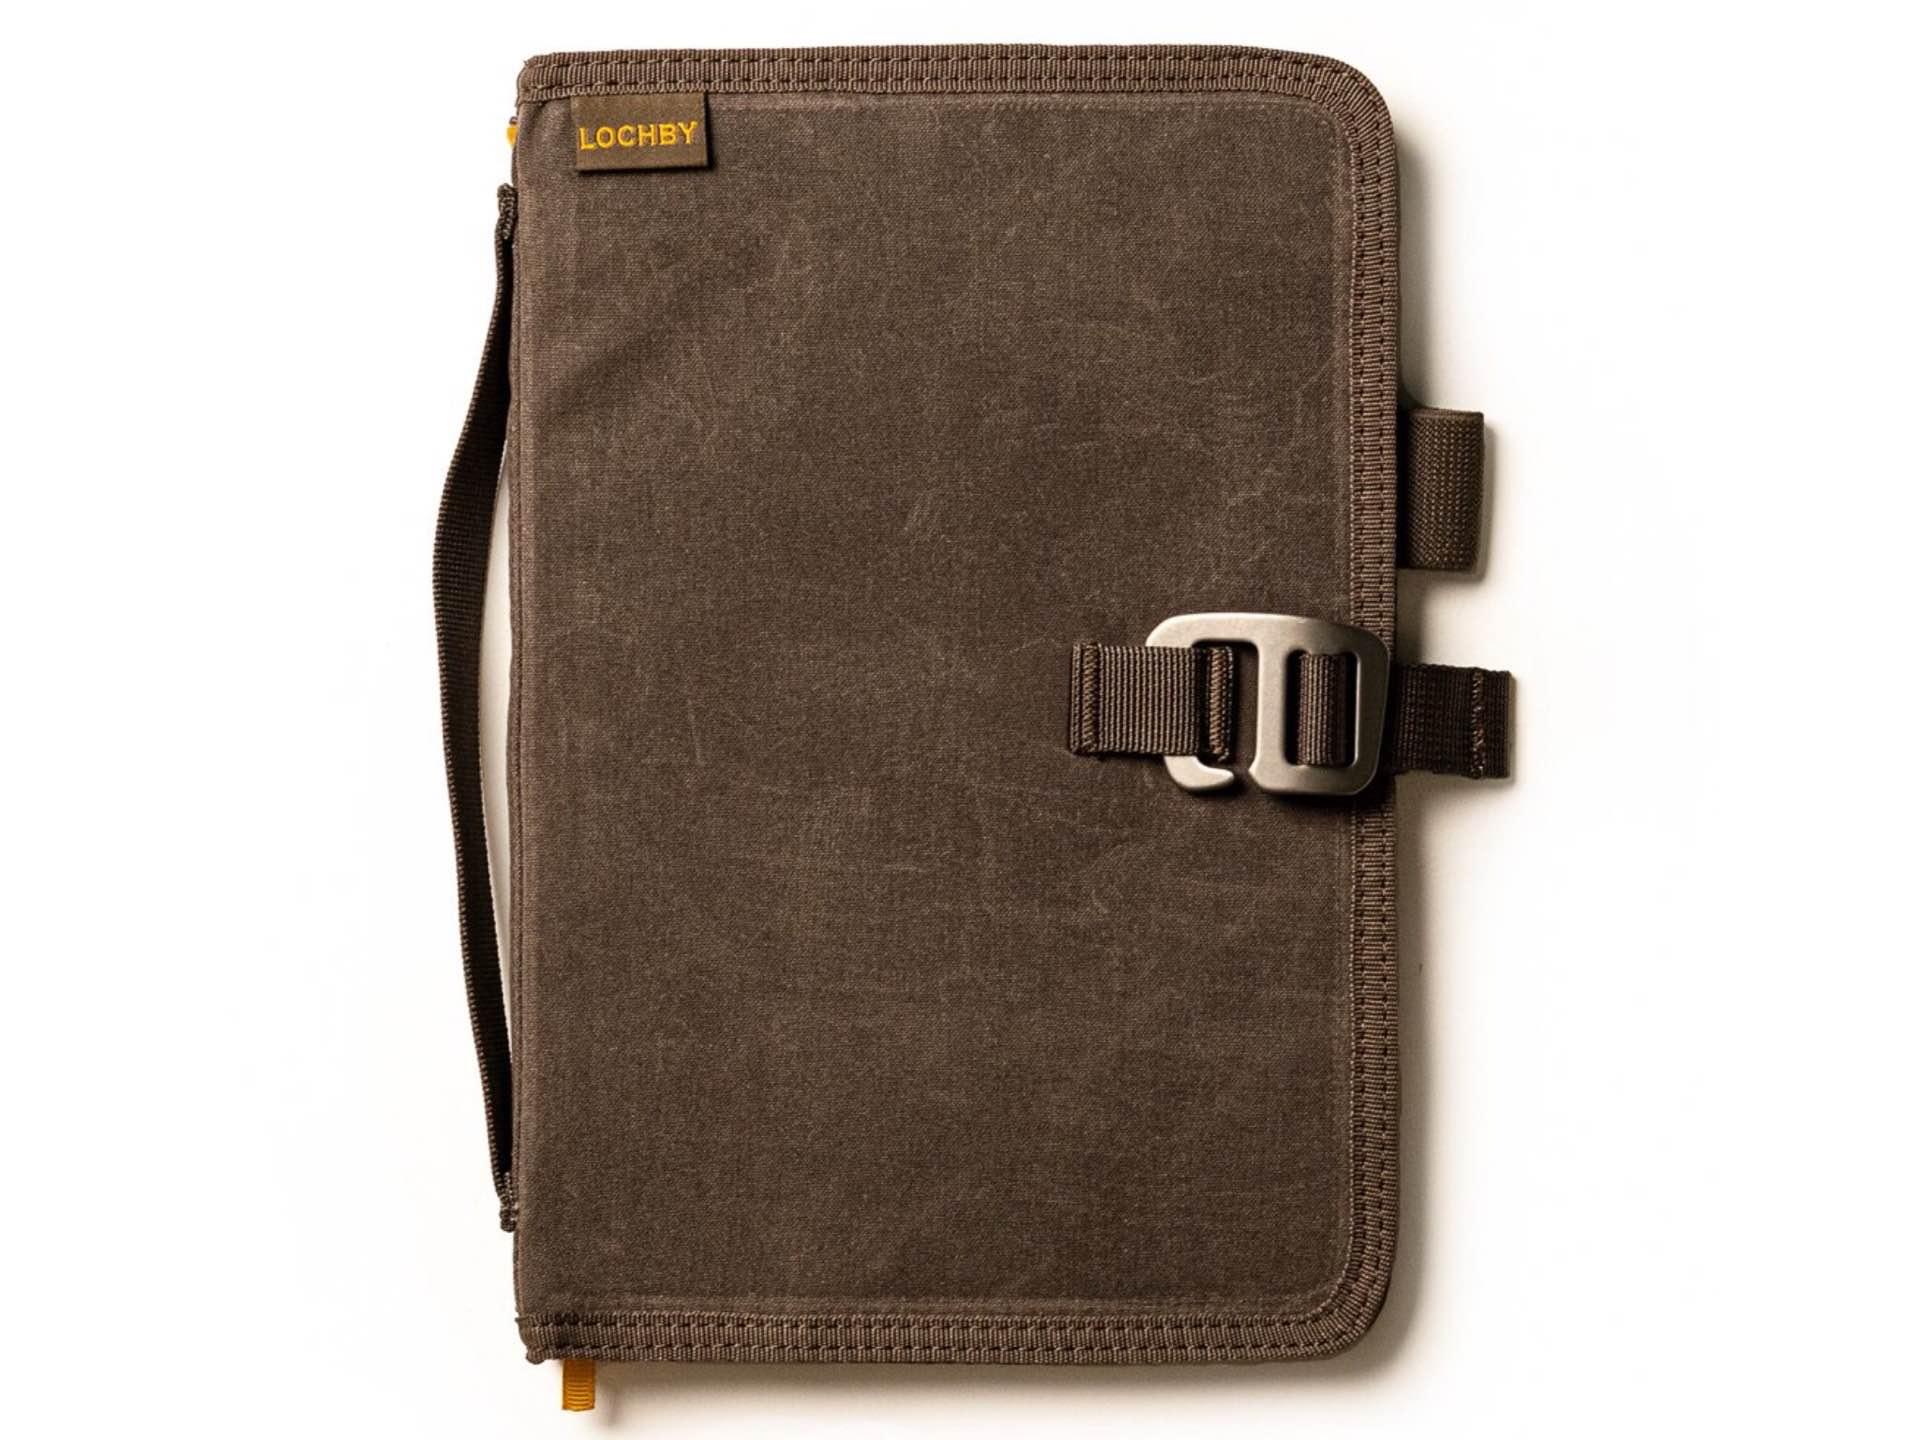 lochby-field-journal